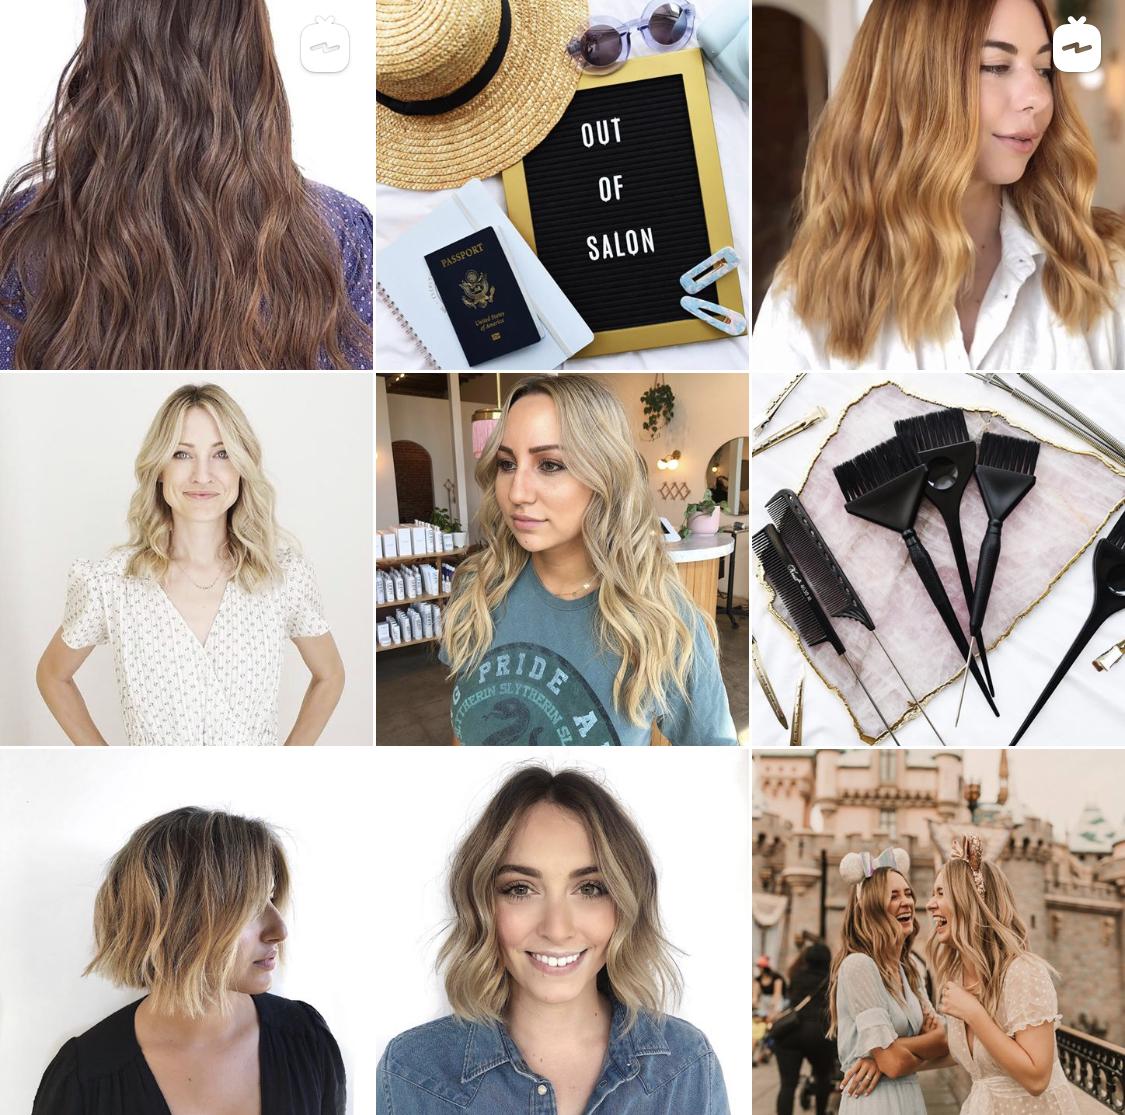 hair stylist instagram